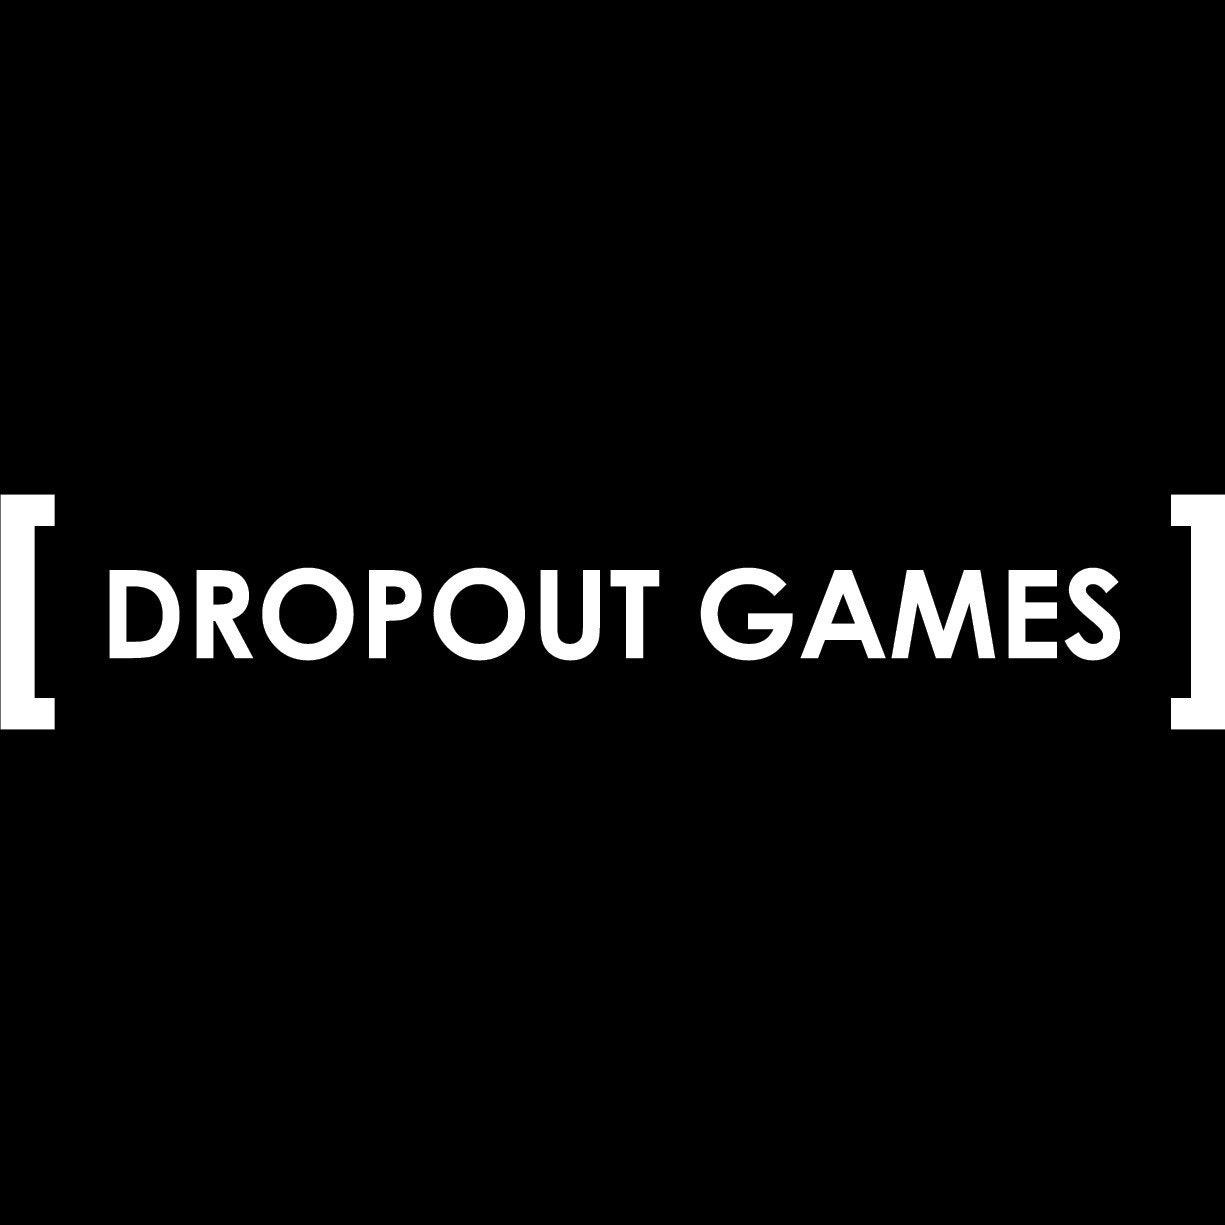 Dropout Games